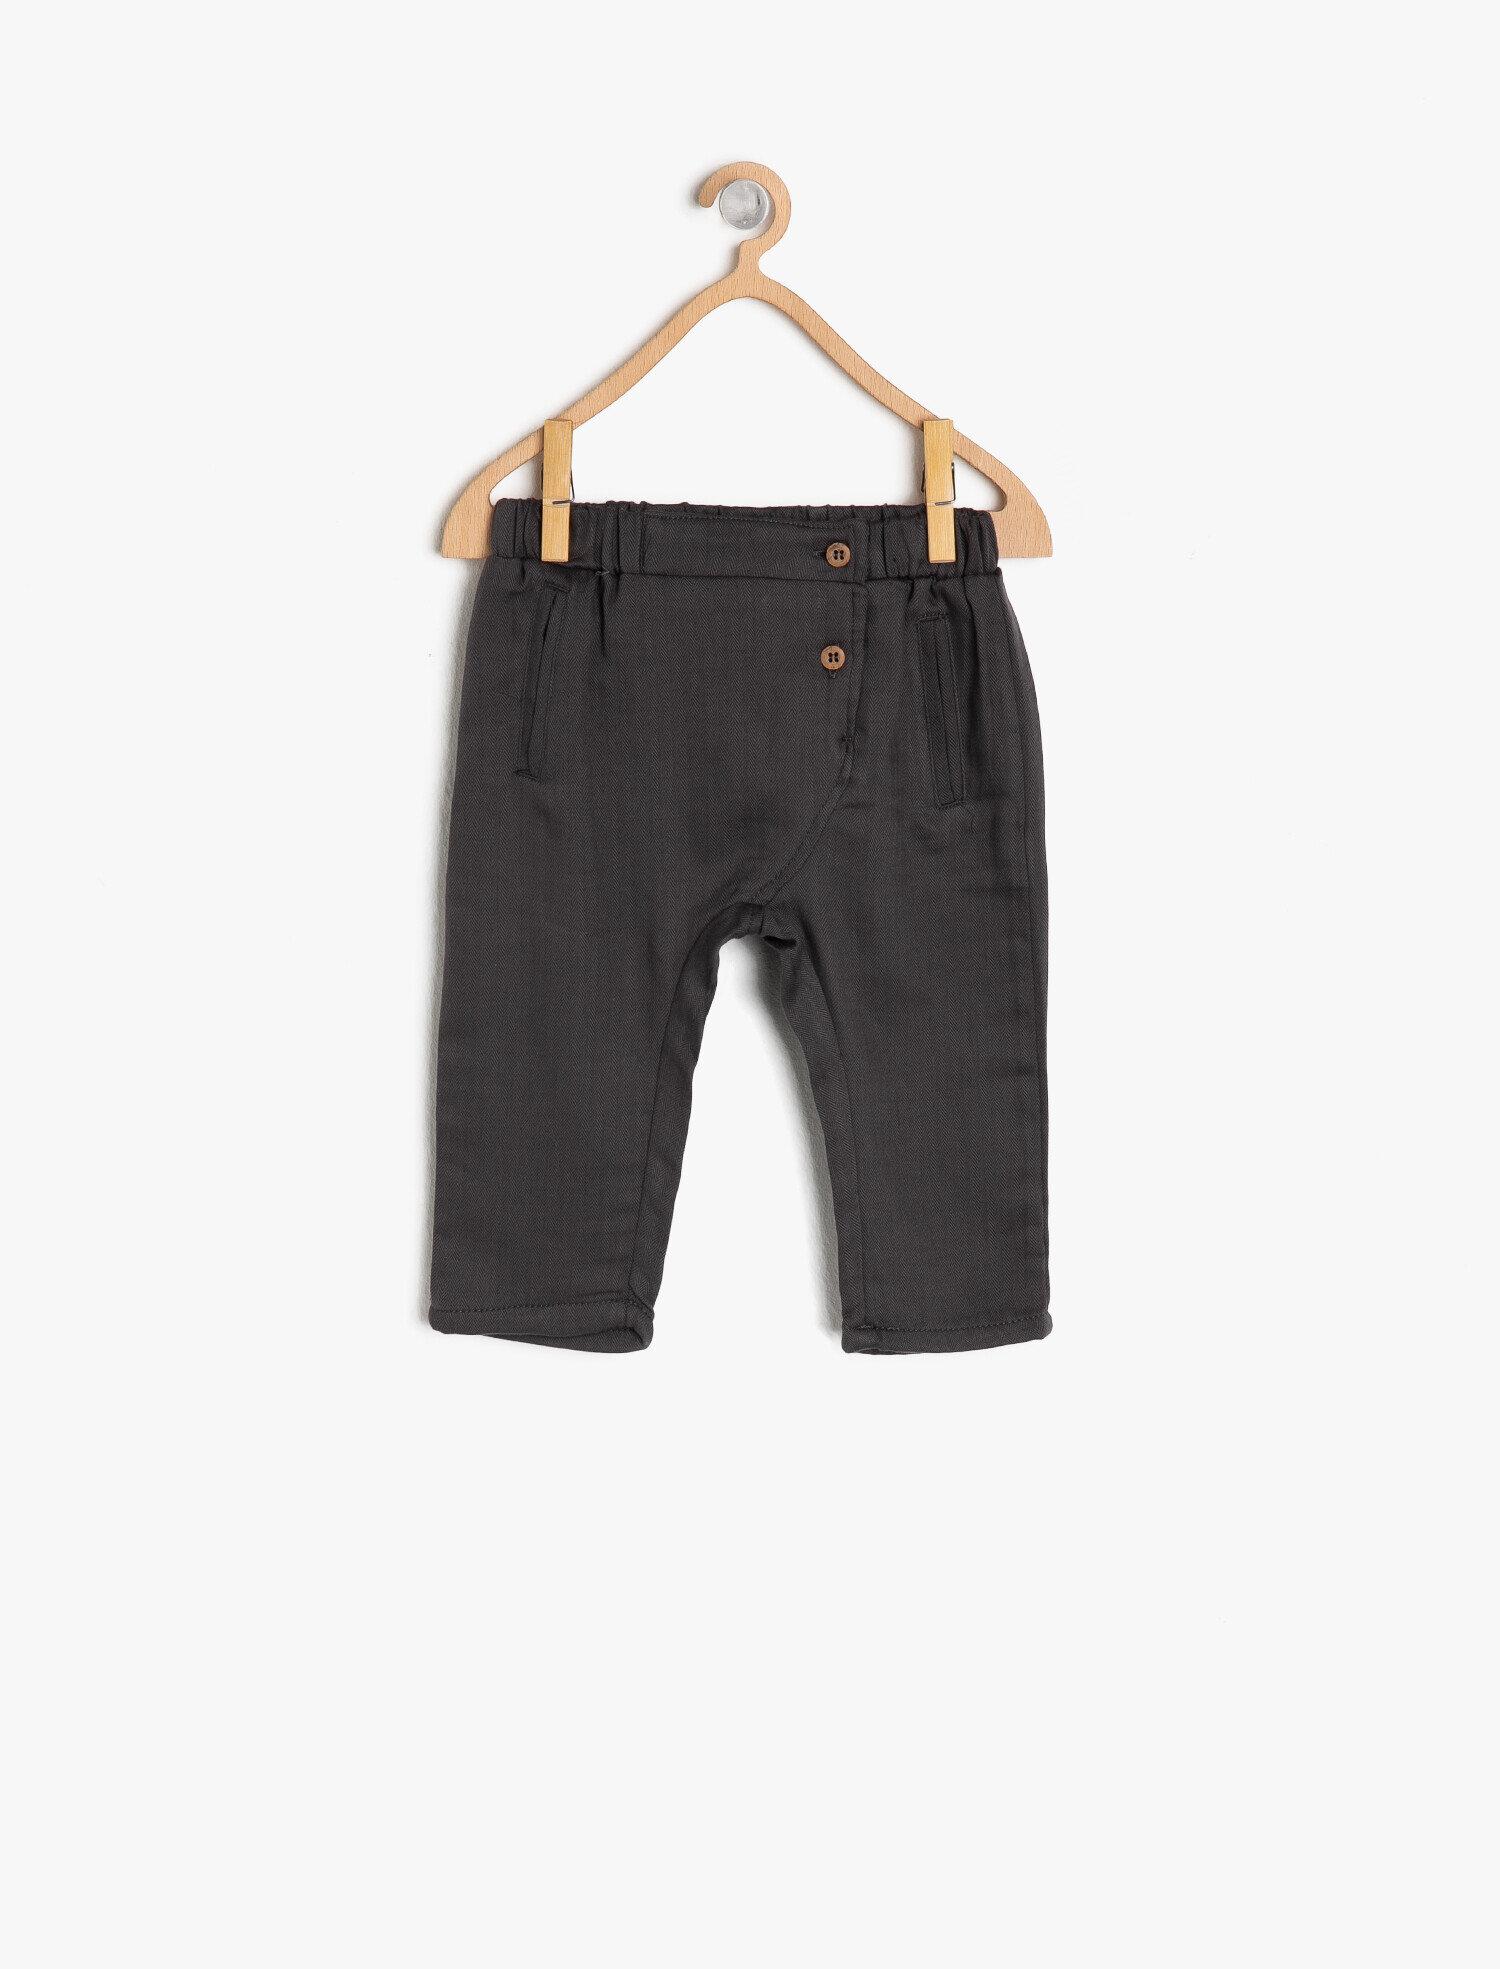 Koton Erkek Çocuk Dügme Detayli Pantolon Gri Ürün Resmi